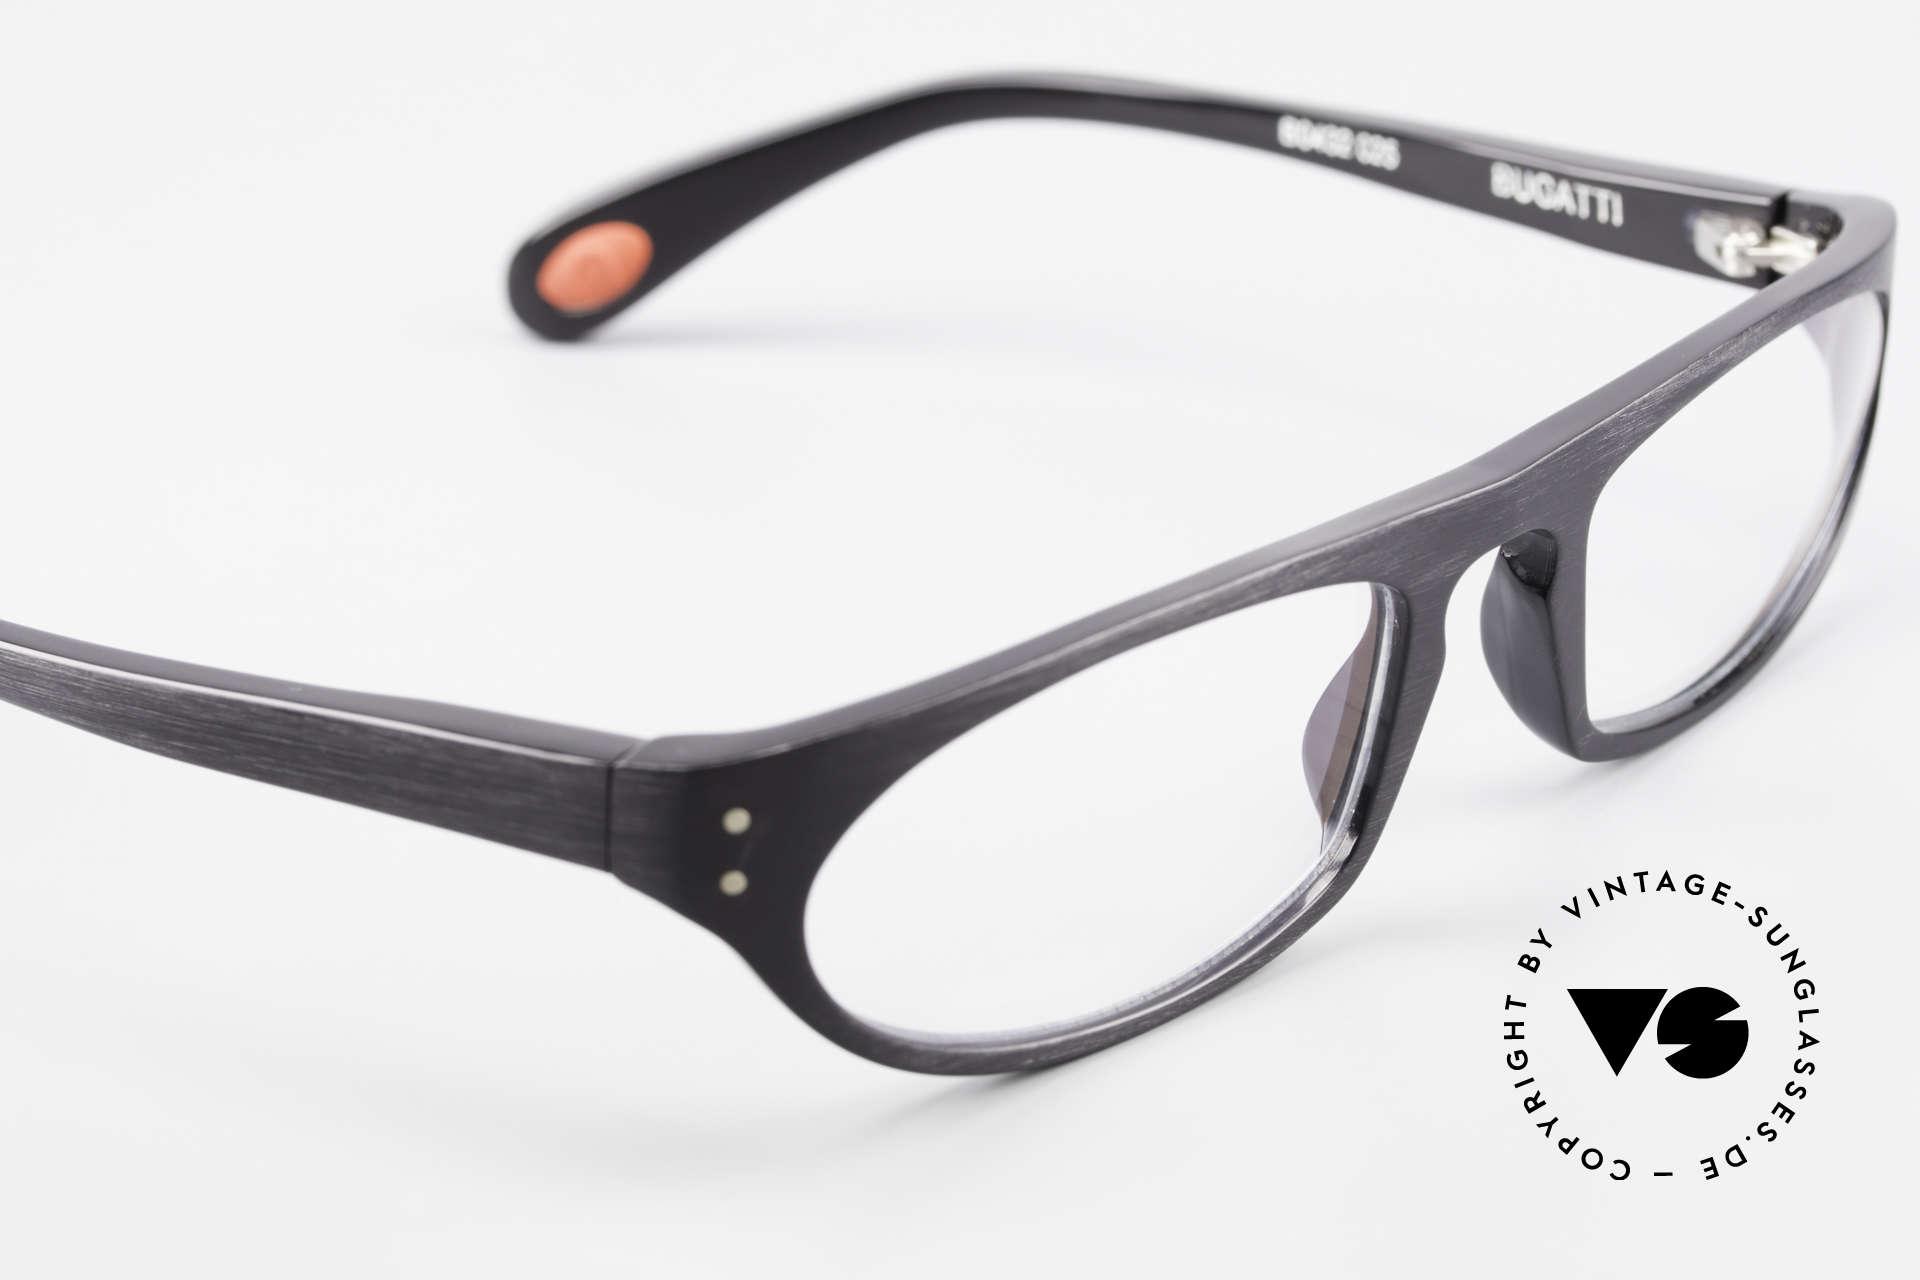 Bugatti 432 Vintage Glasses Classic Black, the frame is made for optical lenses / sun lenses, Made for Men